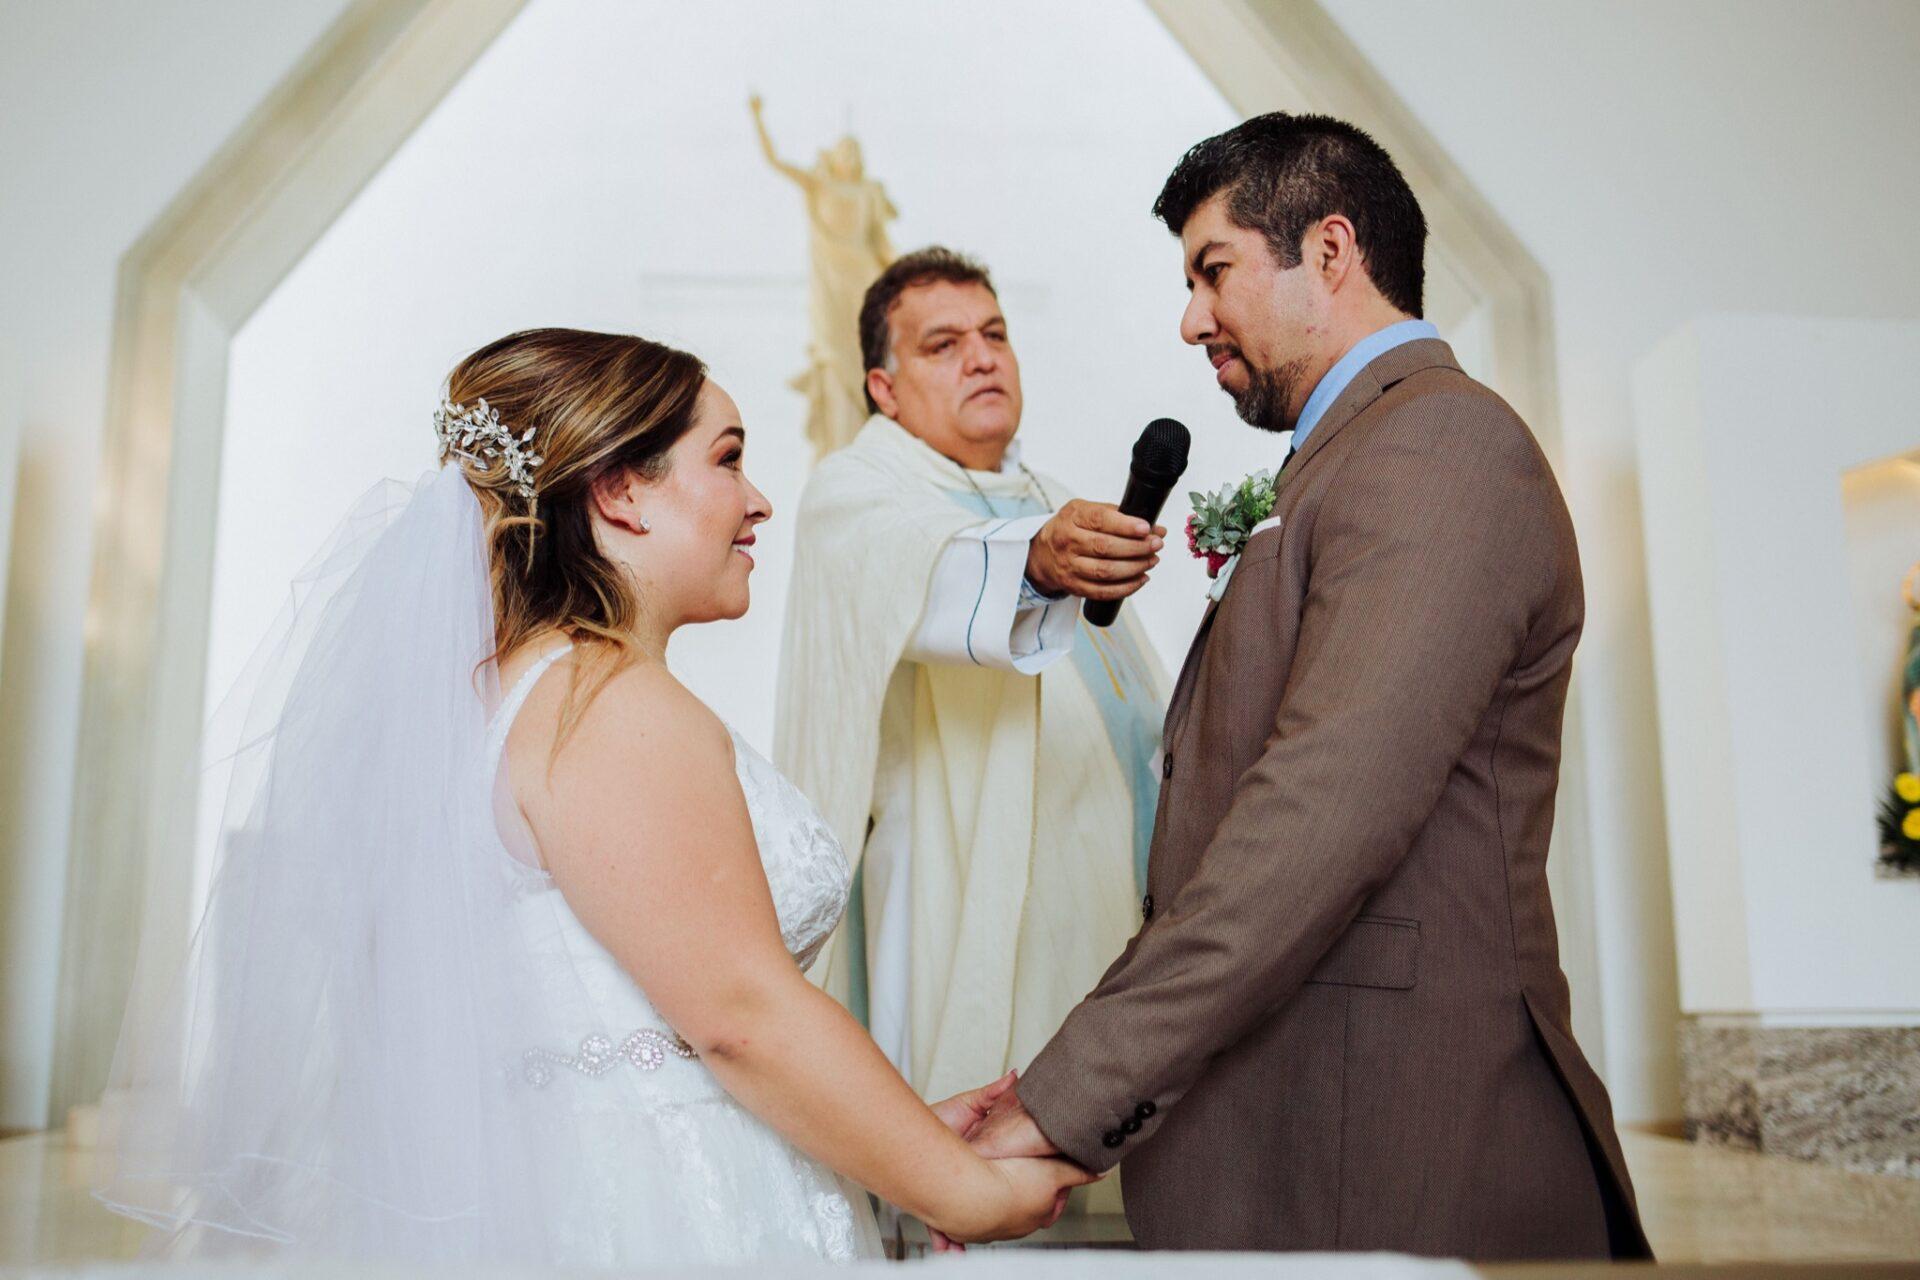 javier_noriega_fotografo_bodas_los_gaviones_zacatecas_wedding_photographer6